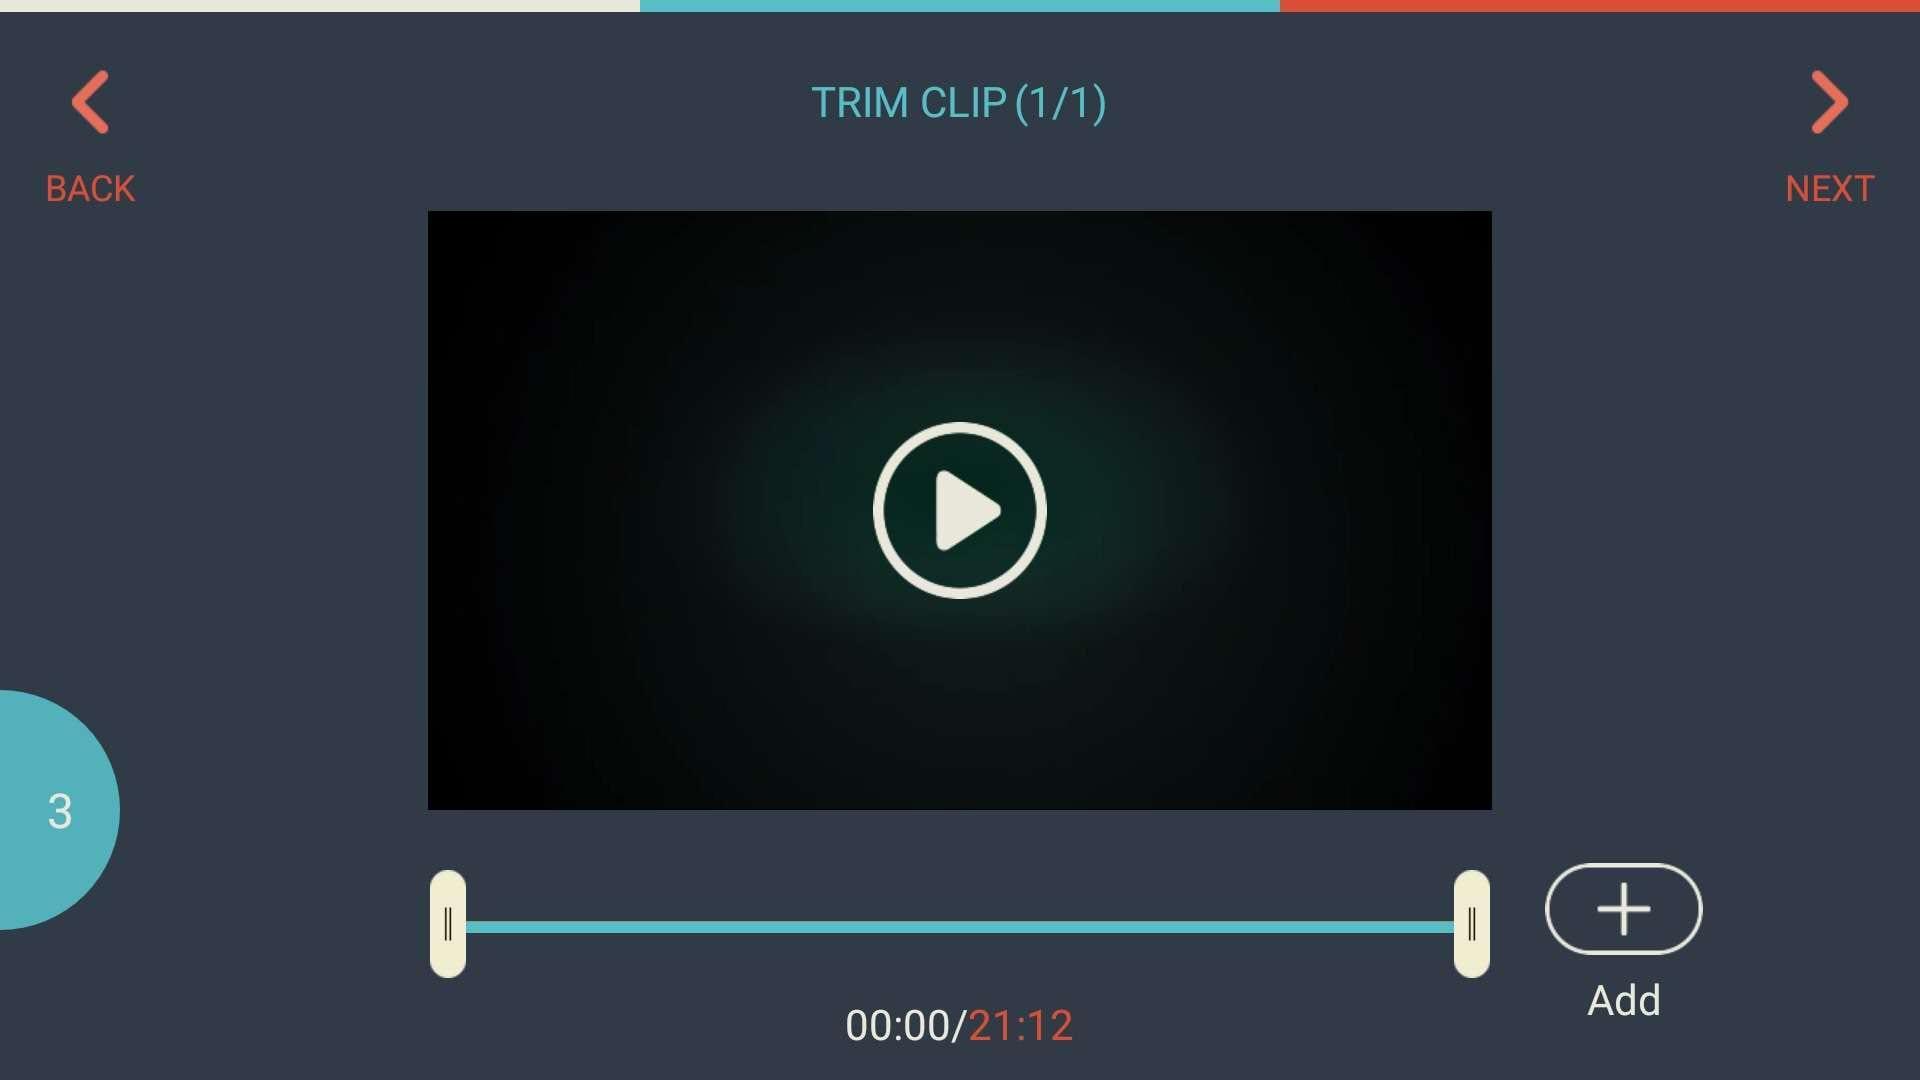 click next filmortago